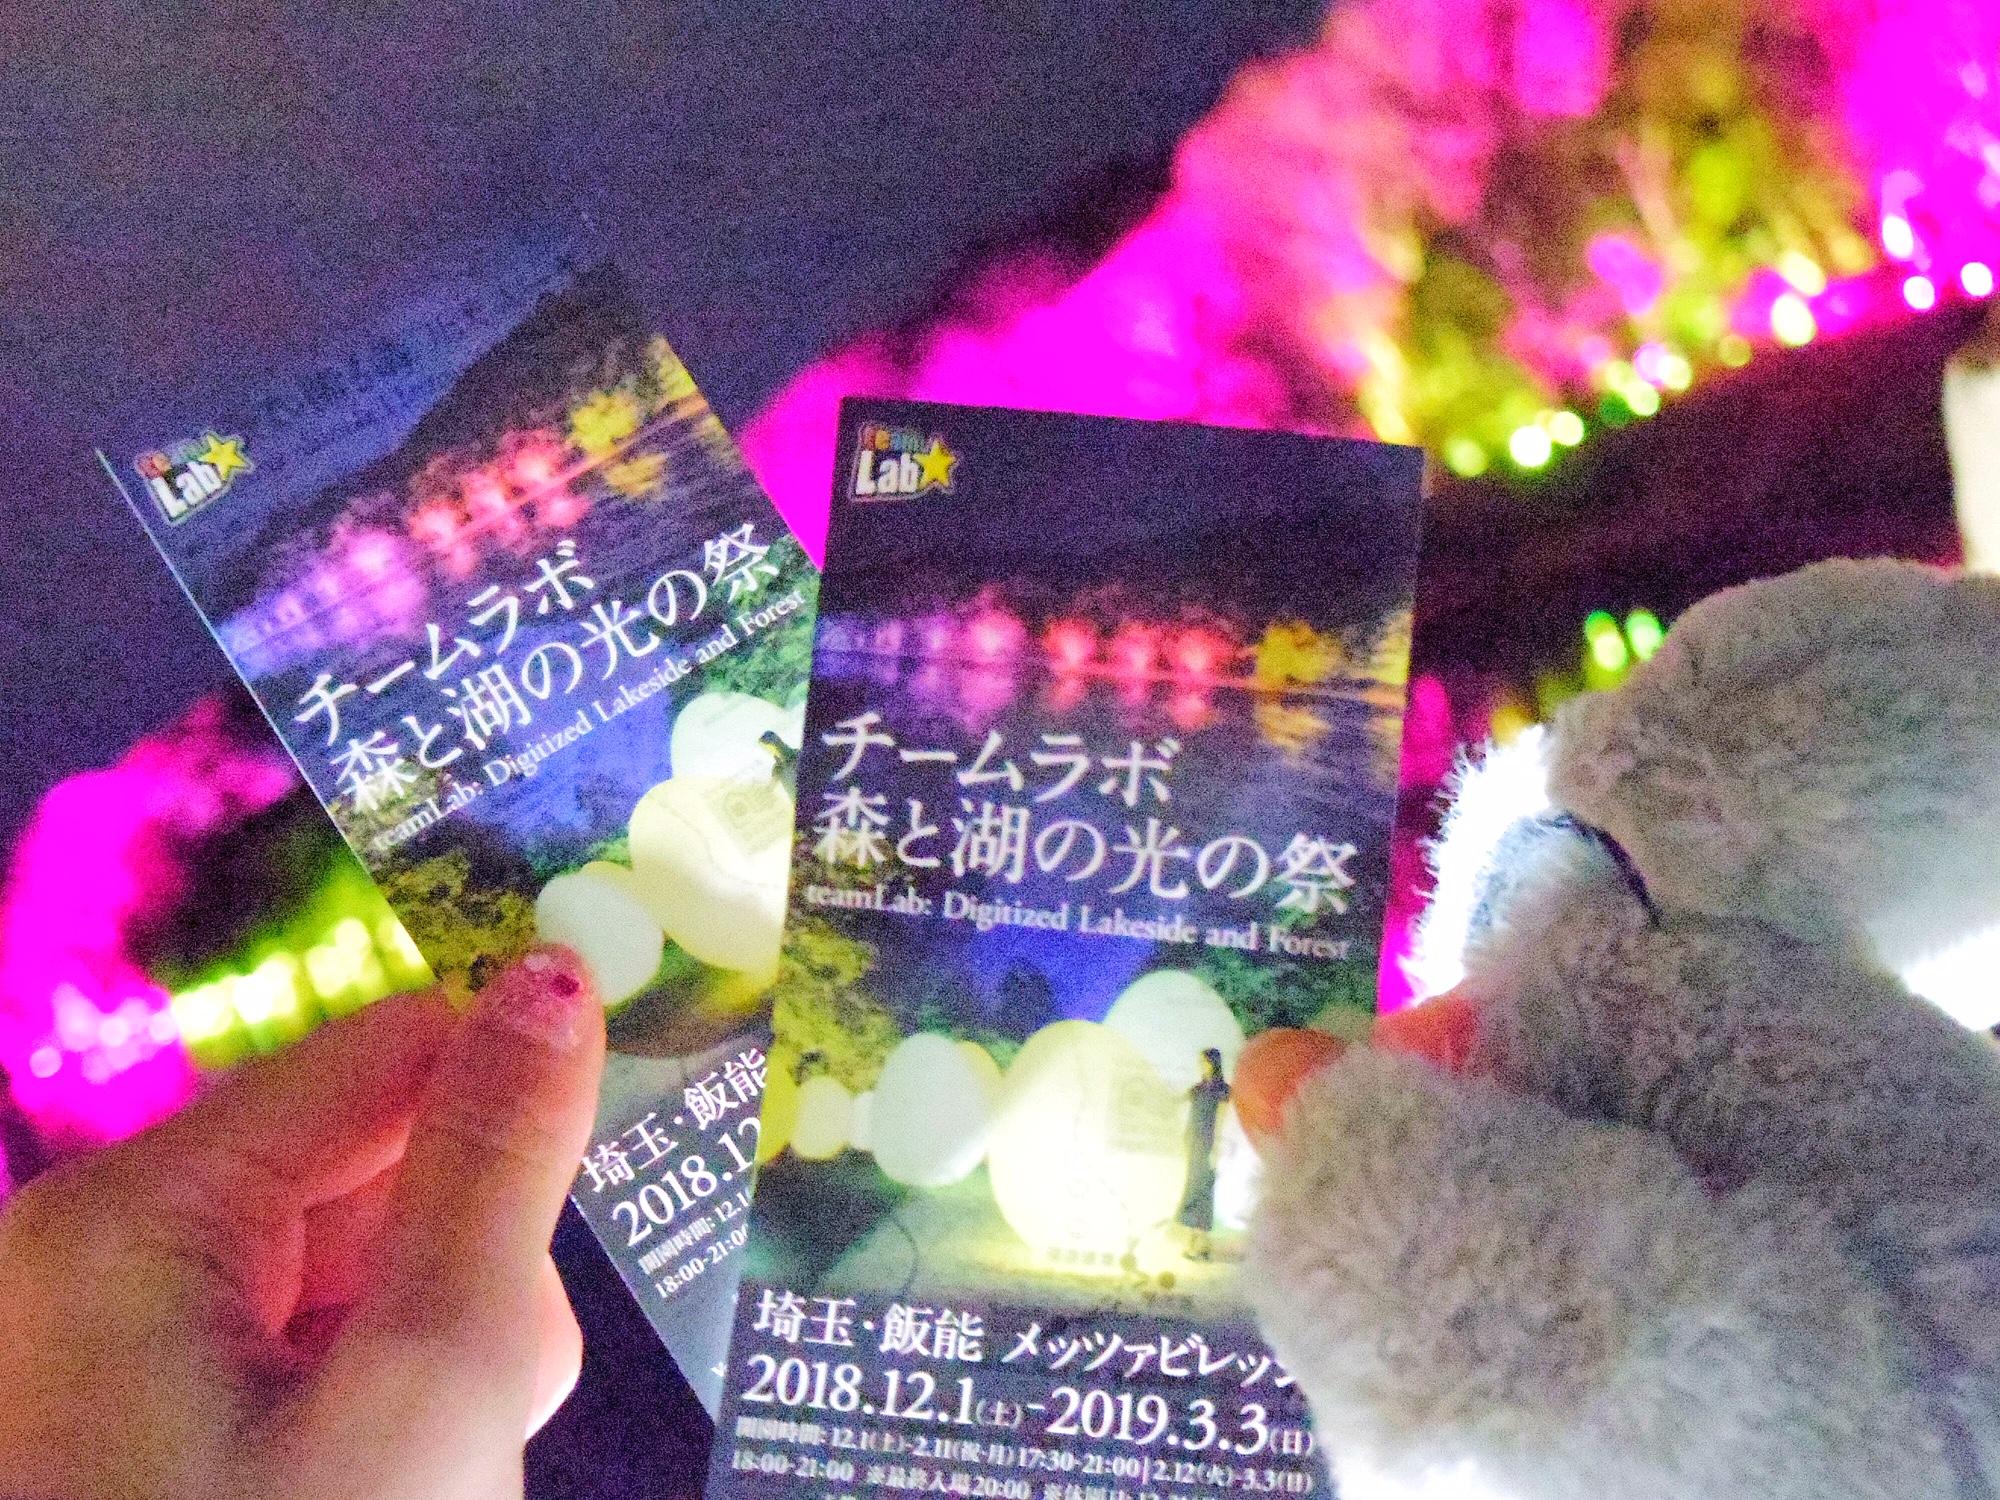 【3月3日(日)まで】埼玉県・飯能市のチームラボに行ってきました!_1